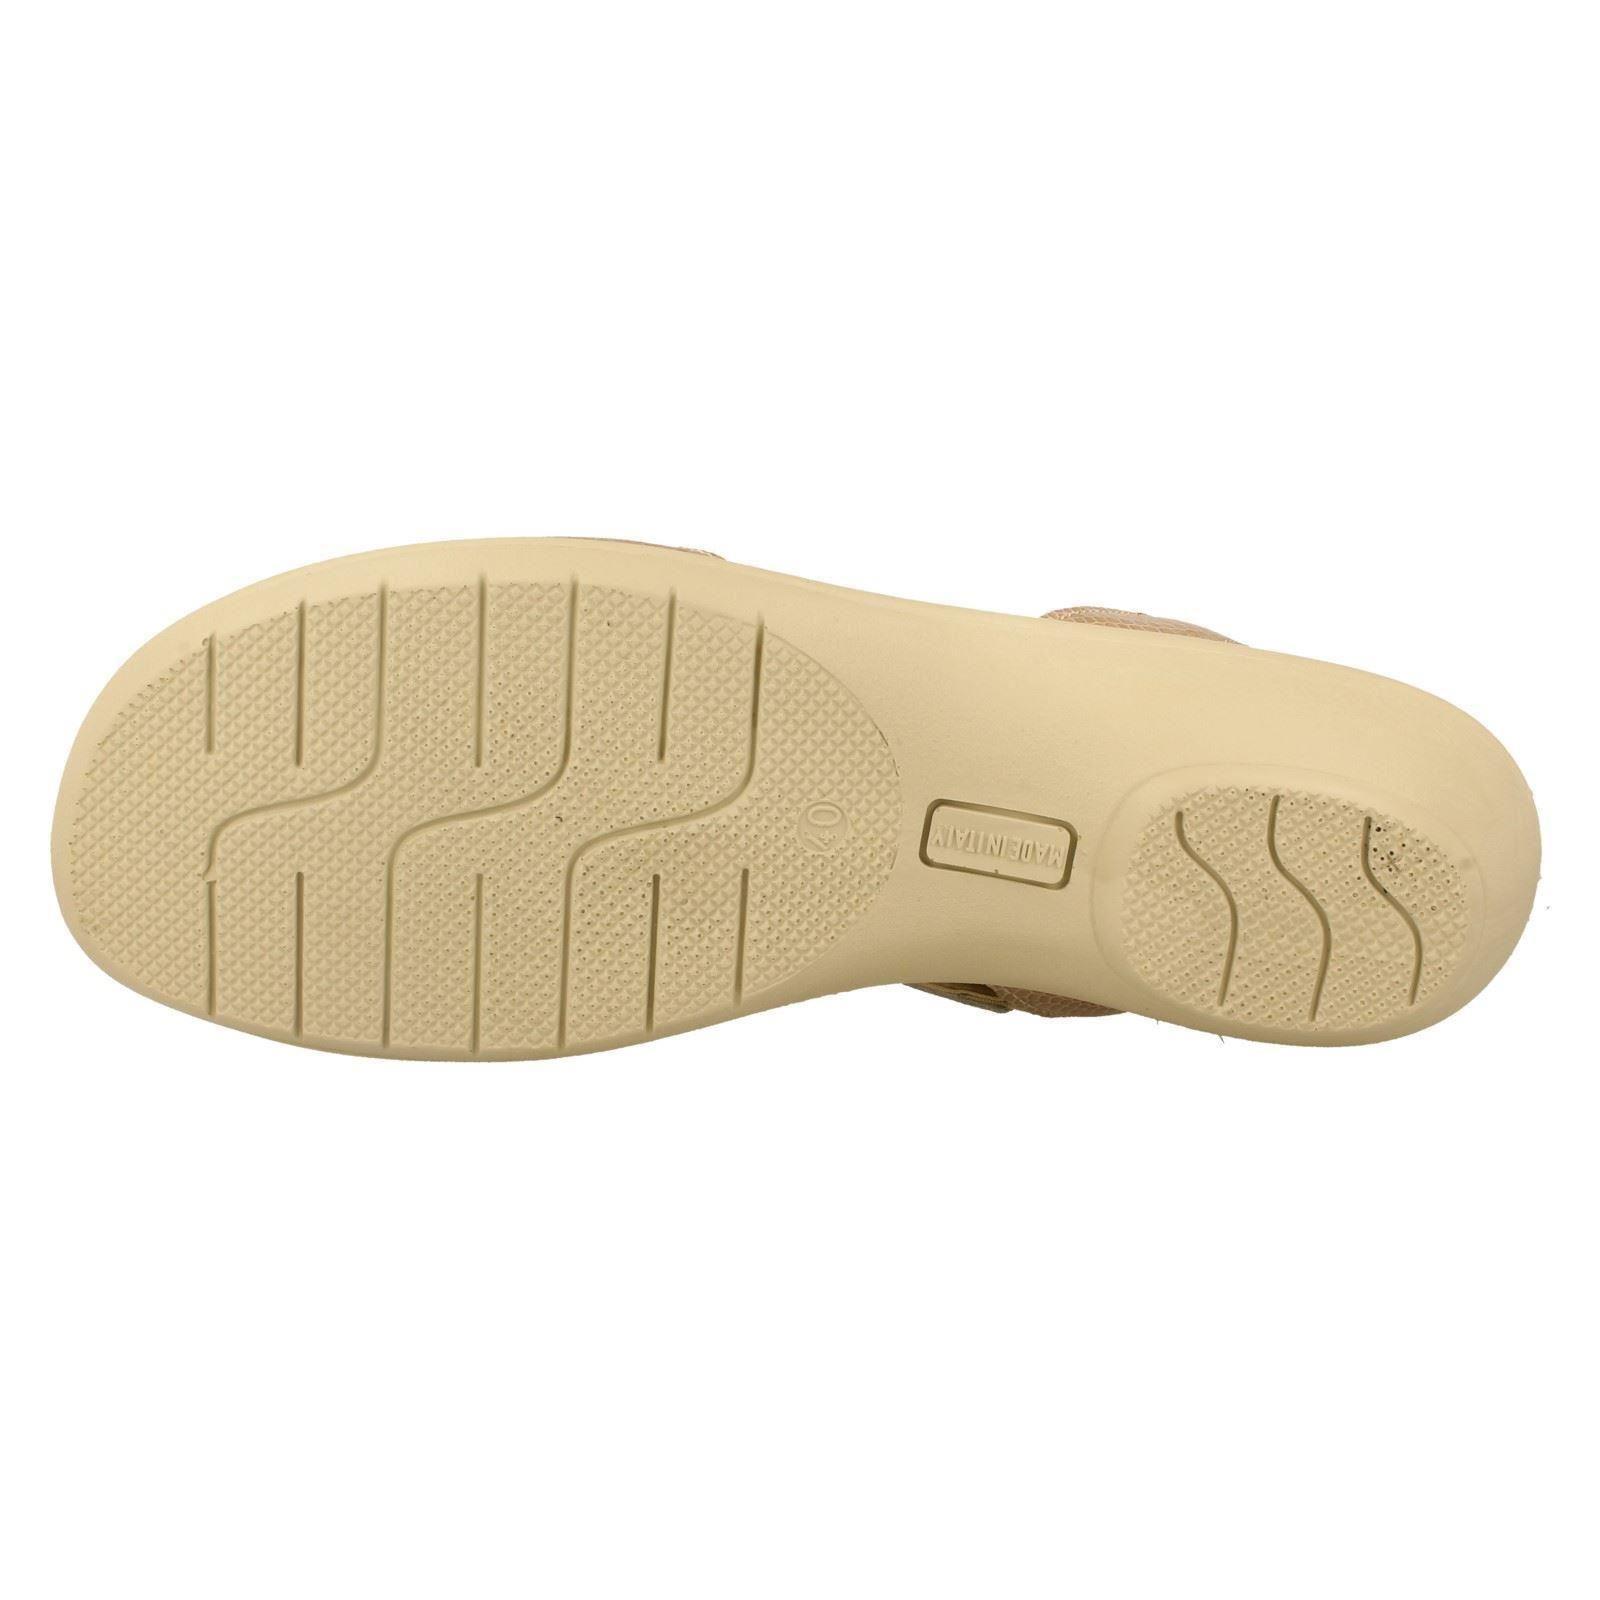 mesdames van dal sandales étiquette barbara    w | La Réputation D'abord  c00d11